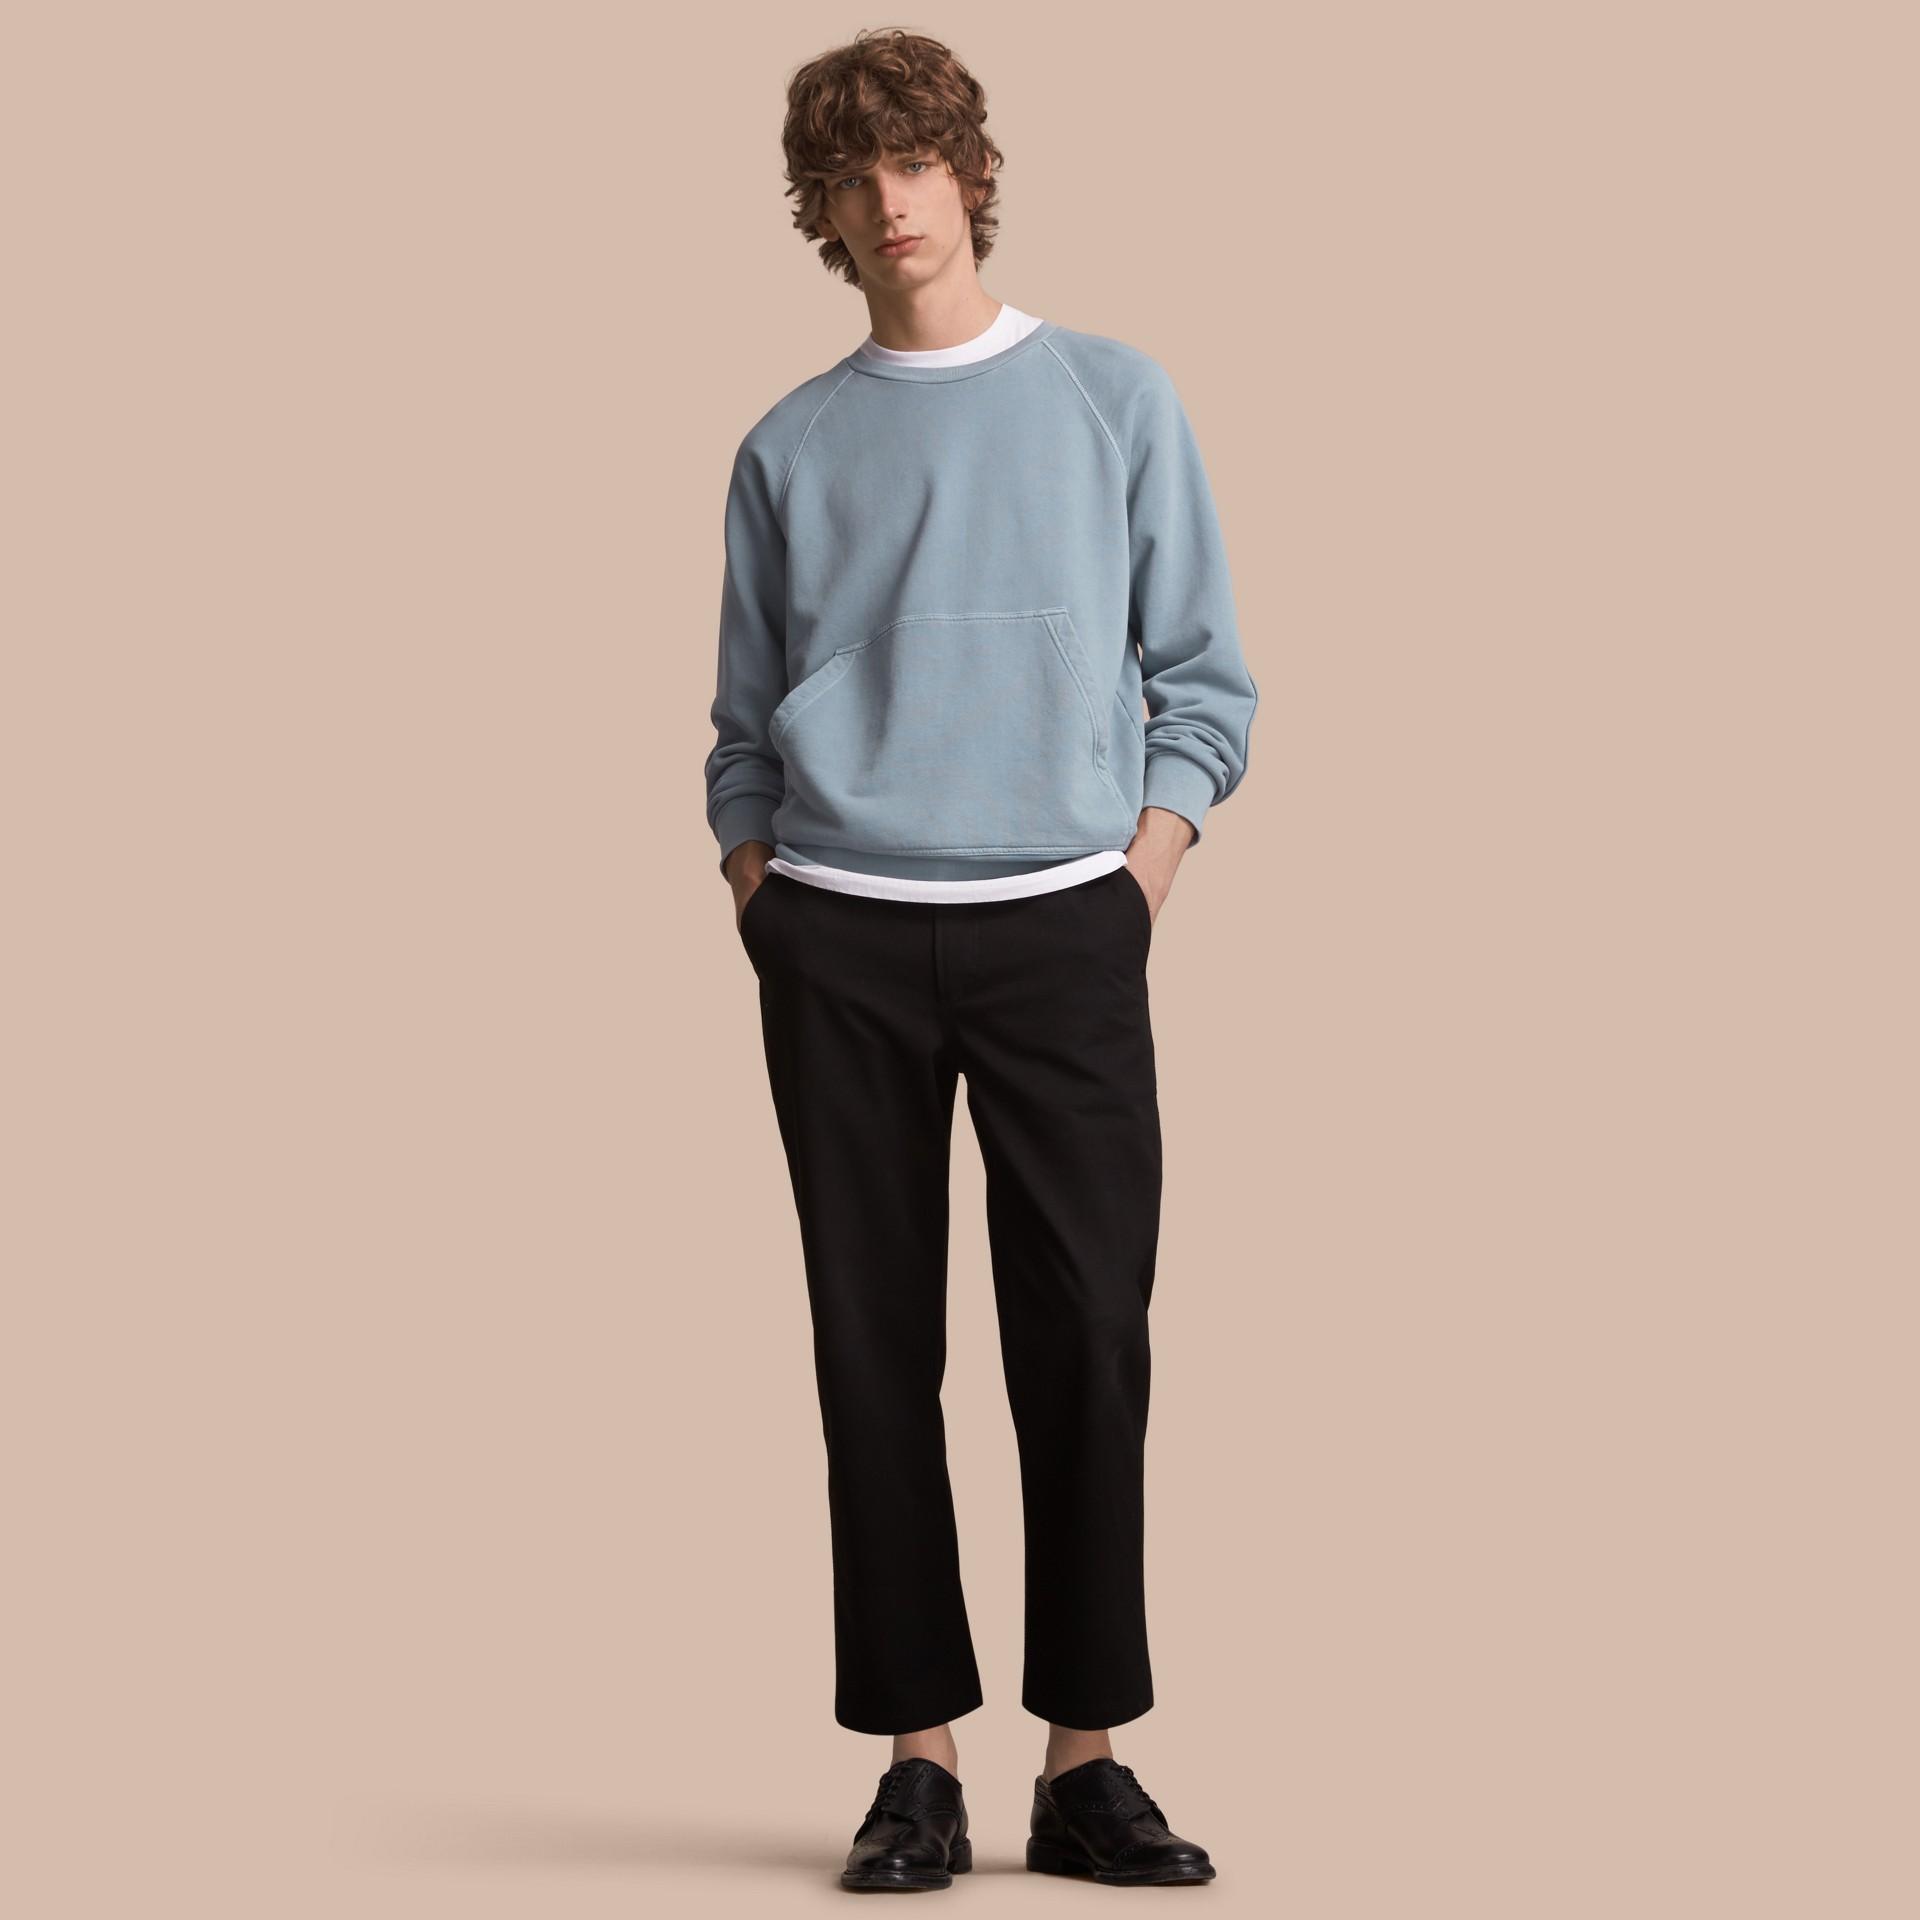 Sweat-shirt oversize unisexe en coton teint avec des colorants pigmentaires (Bleu Cendré) - Femme | Burberry - photo de la galerie 3